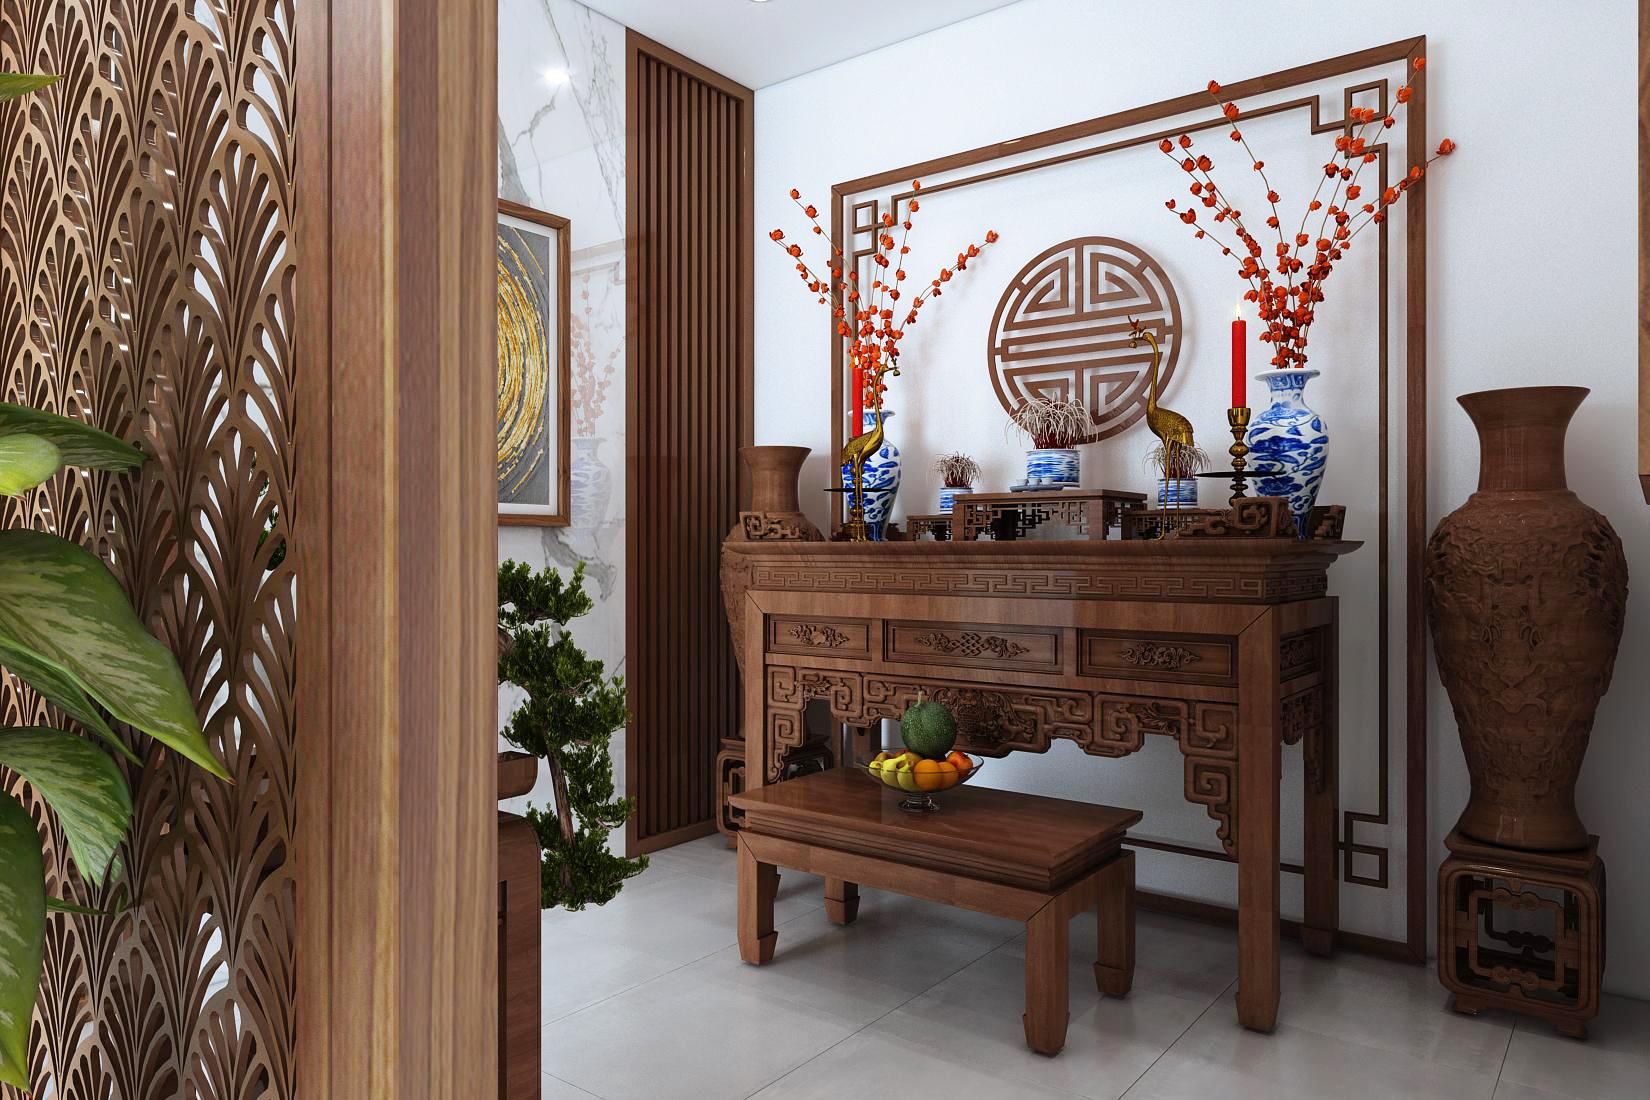 Thiết kế nội thất Biệt Thự tại Ninh Bình Biệt thự Ninh Bình 1600149402 7